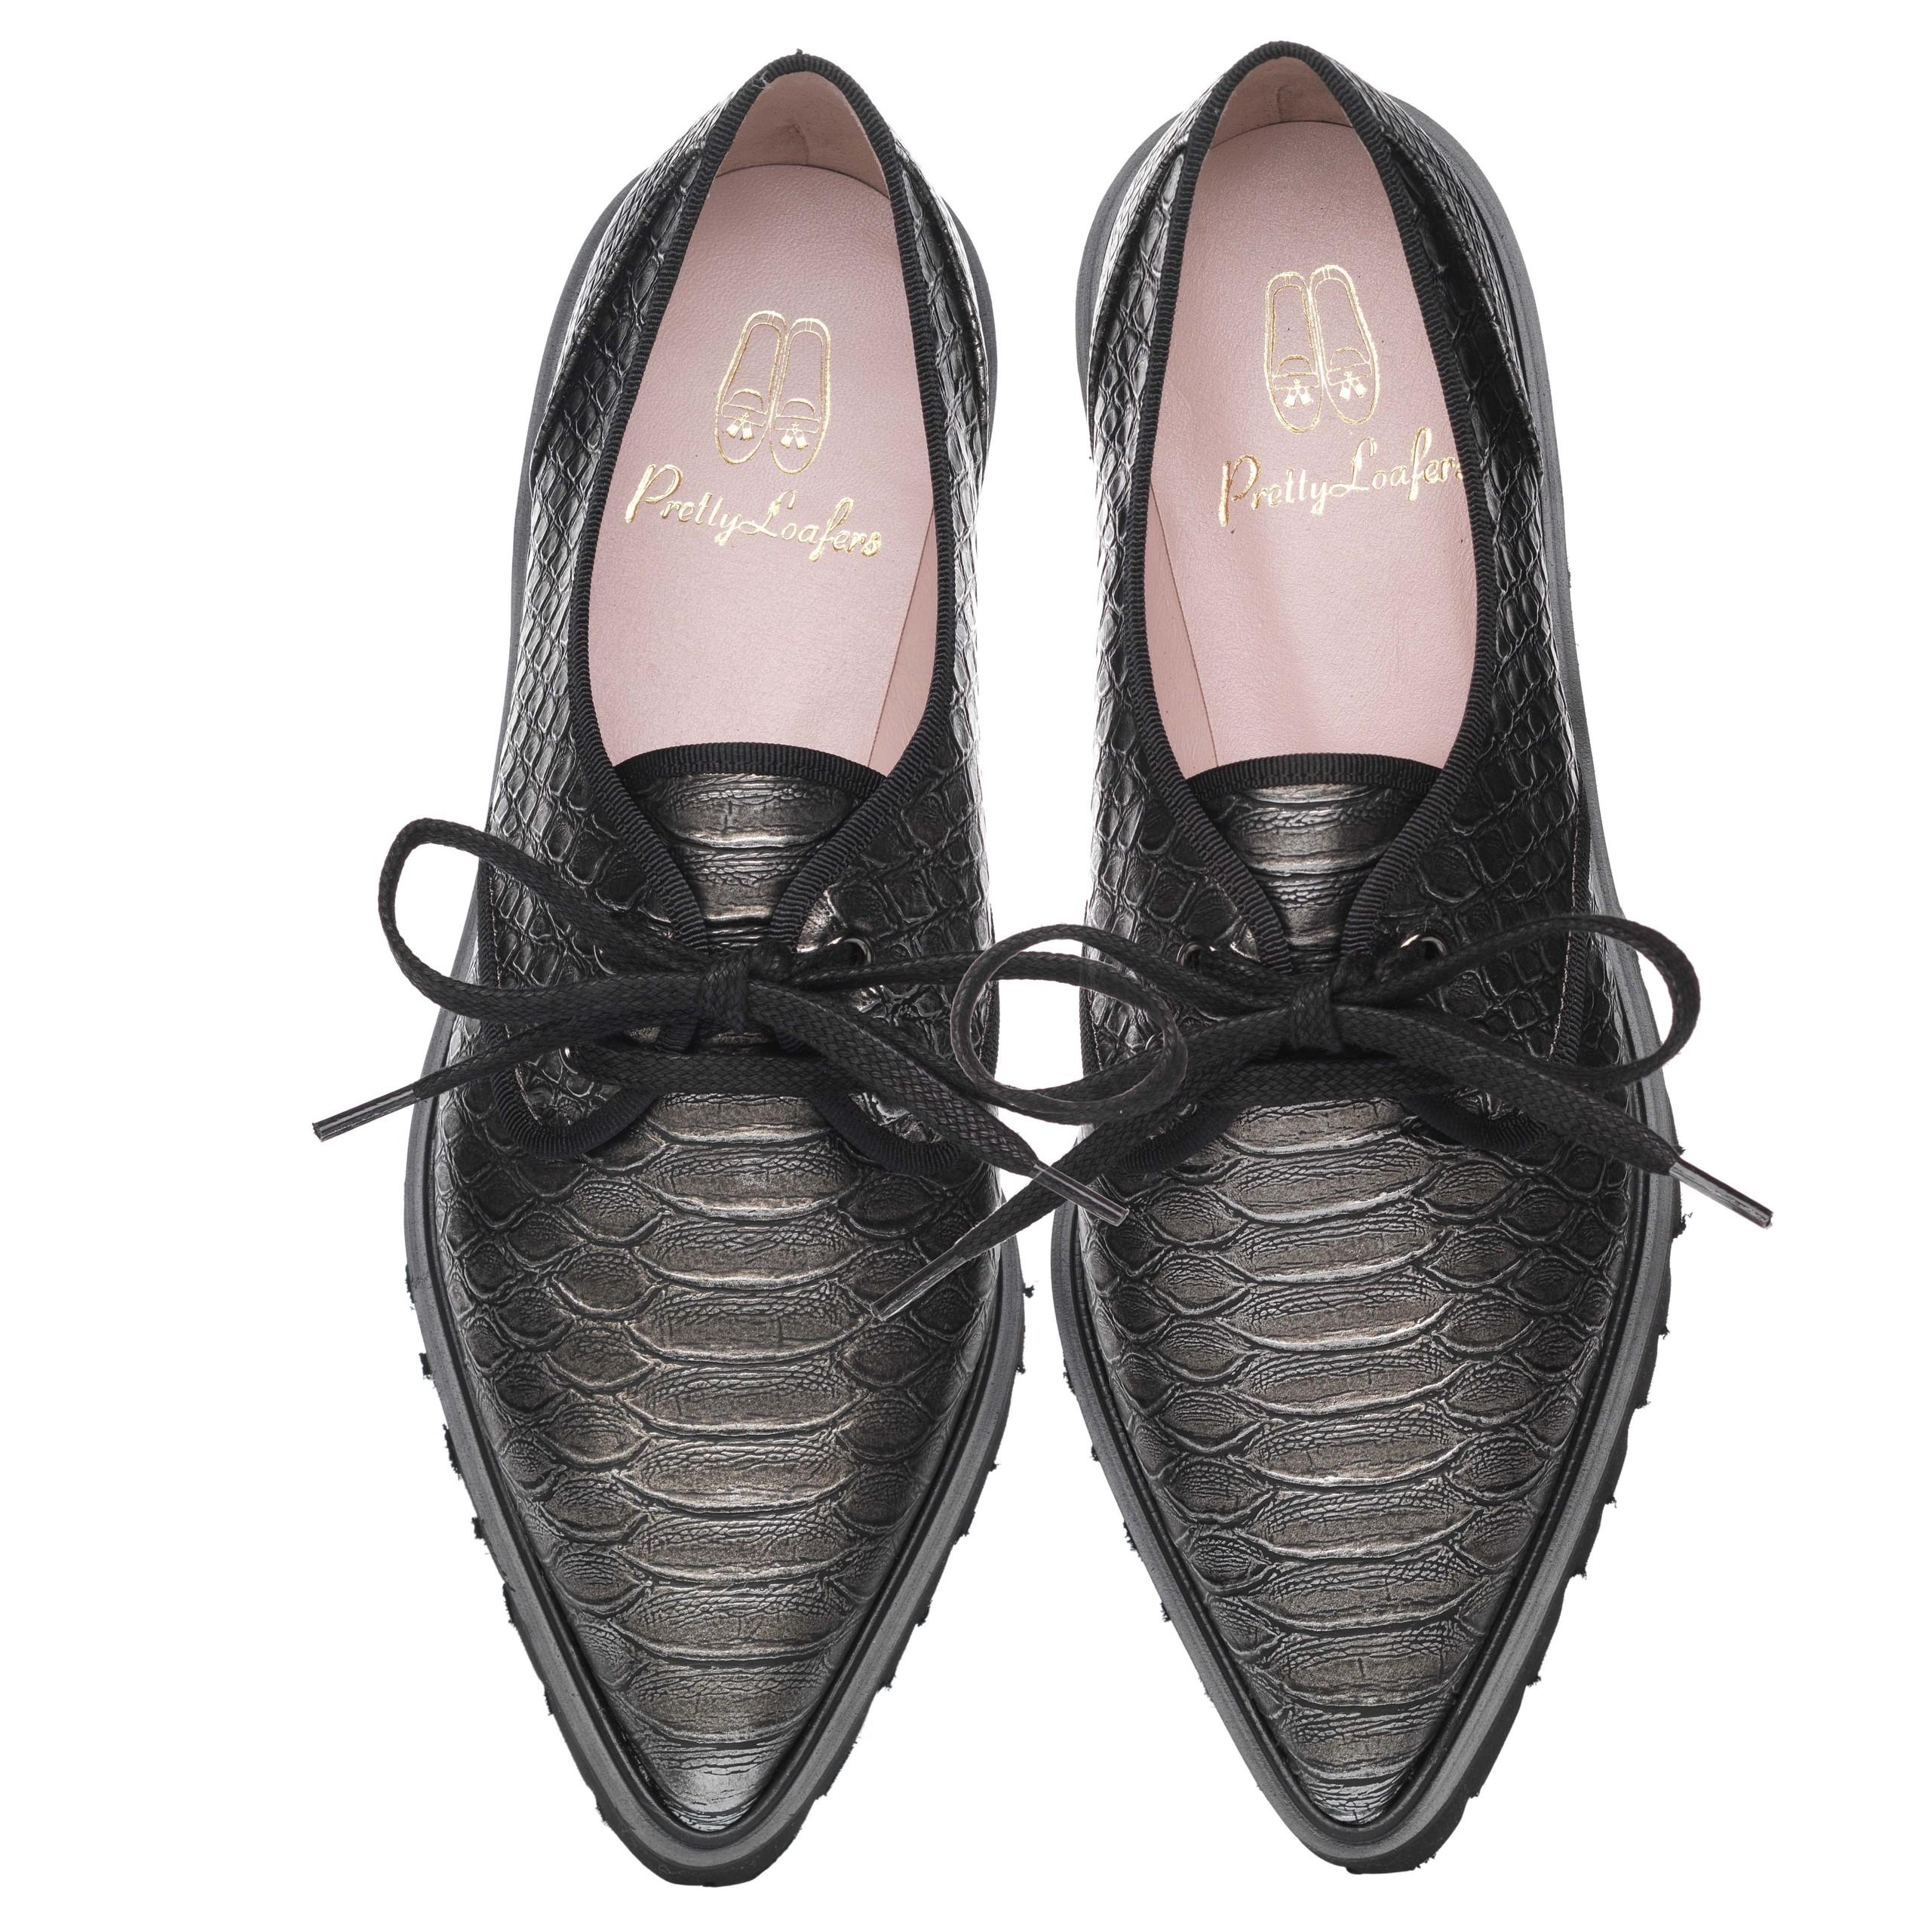 Foto de Pretty Loafers, las slippers necesarias para las incondicionales del calzado plano (18/20)